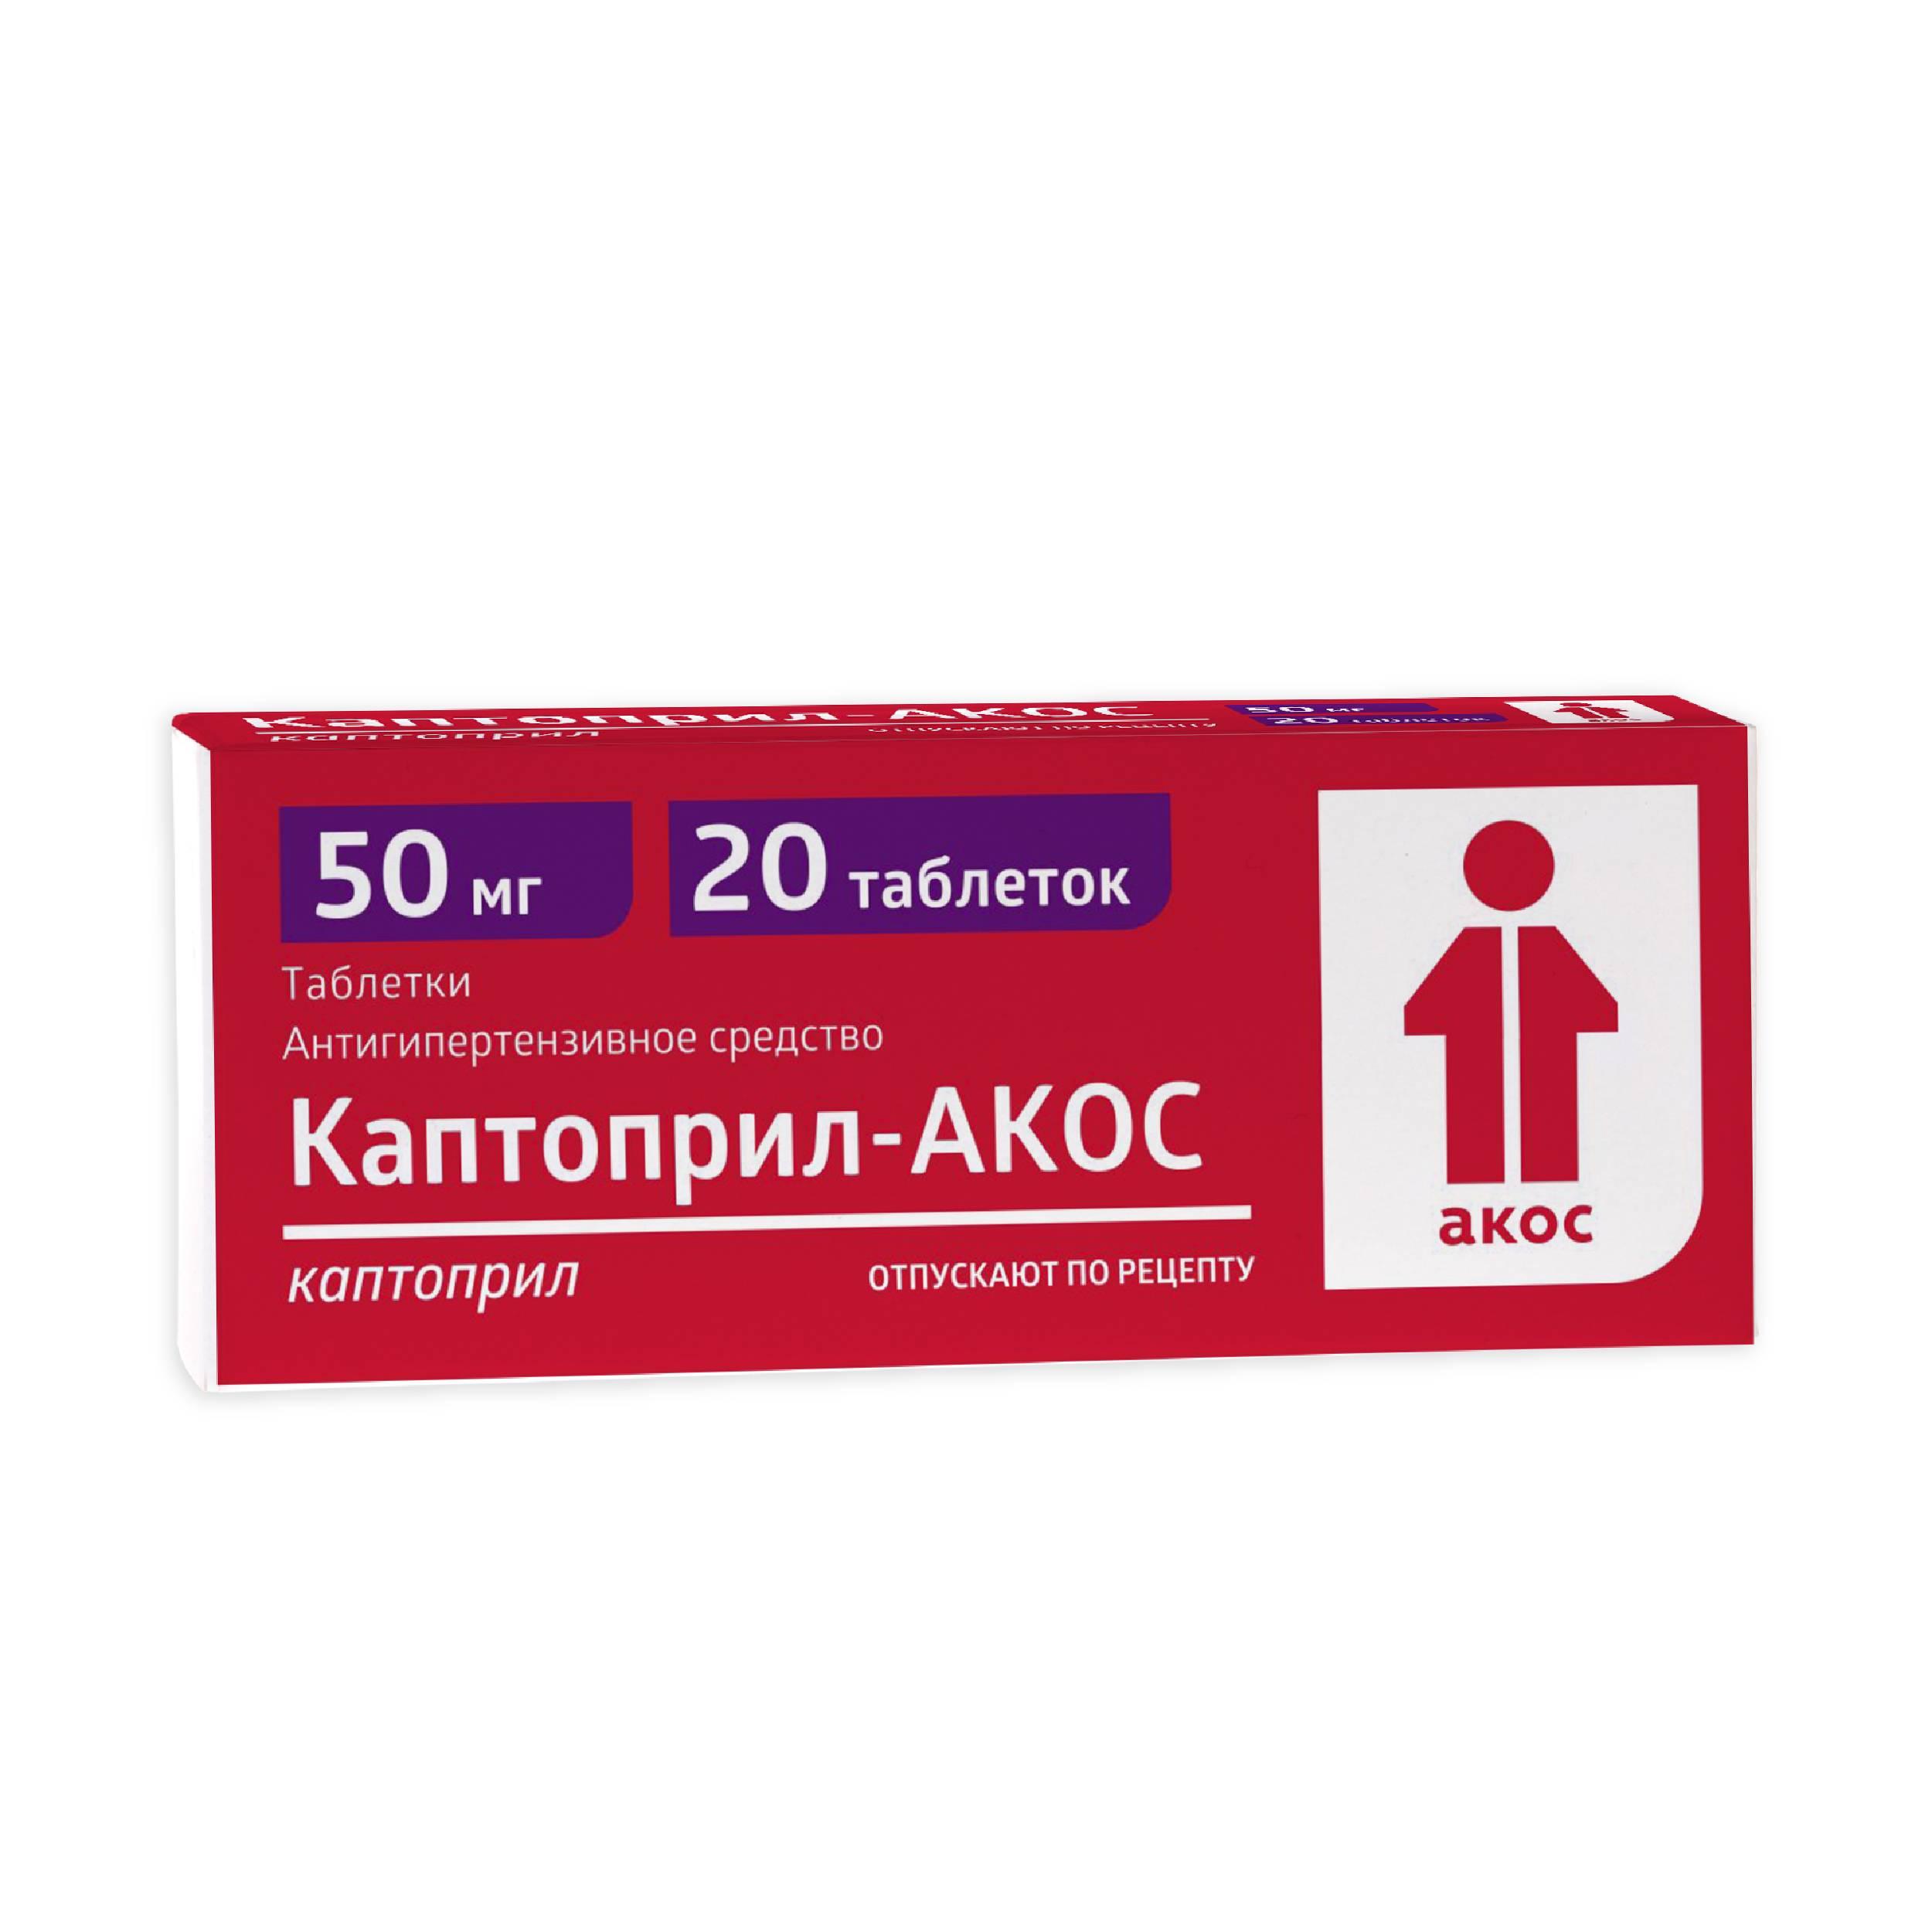 Гомеопатический препарат афала, его взаимодействие с другими лекарствами и алкоголем, противопоказания и побочные действия